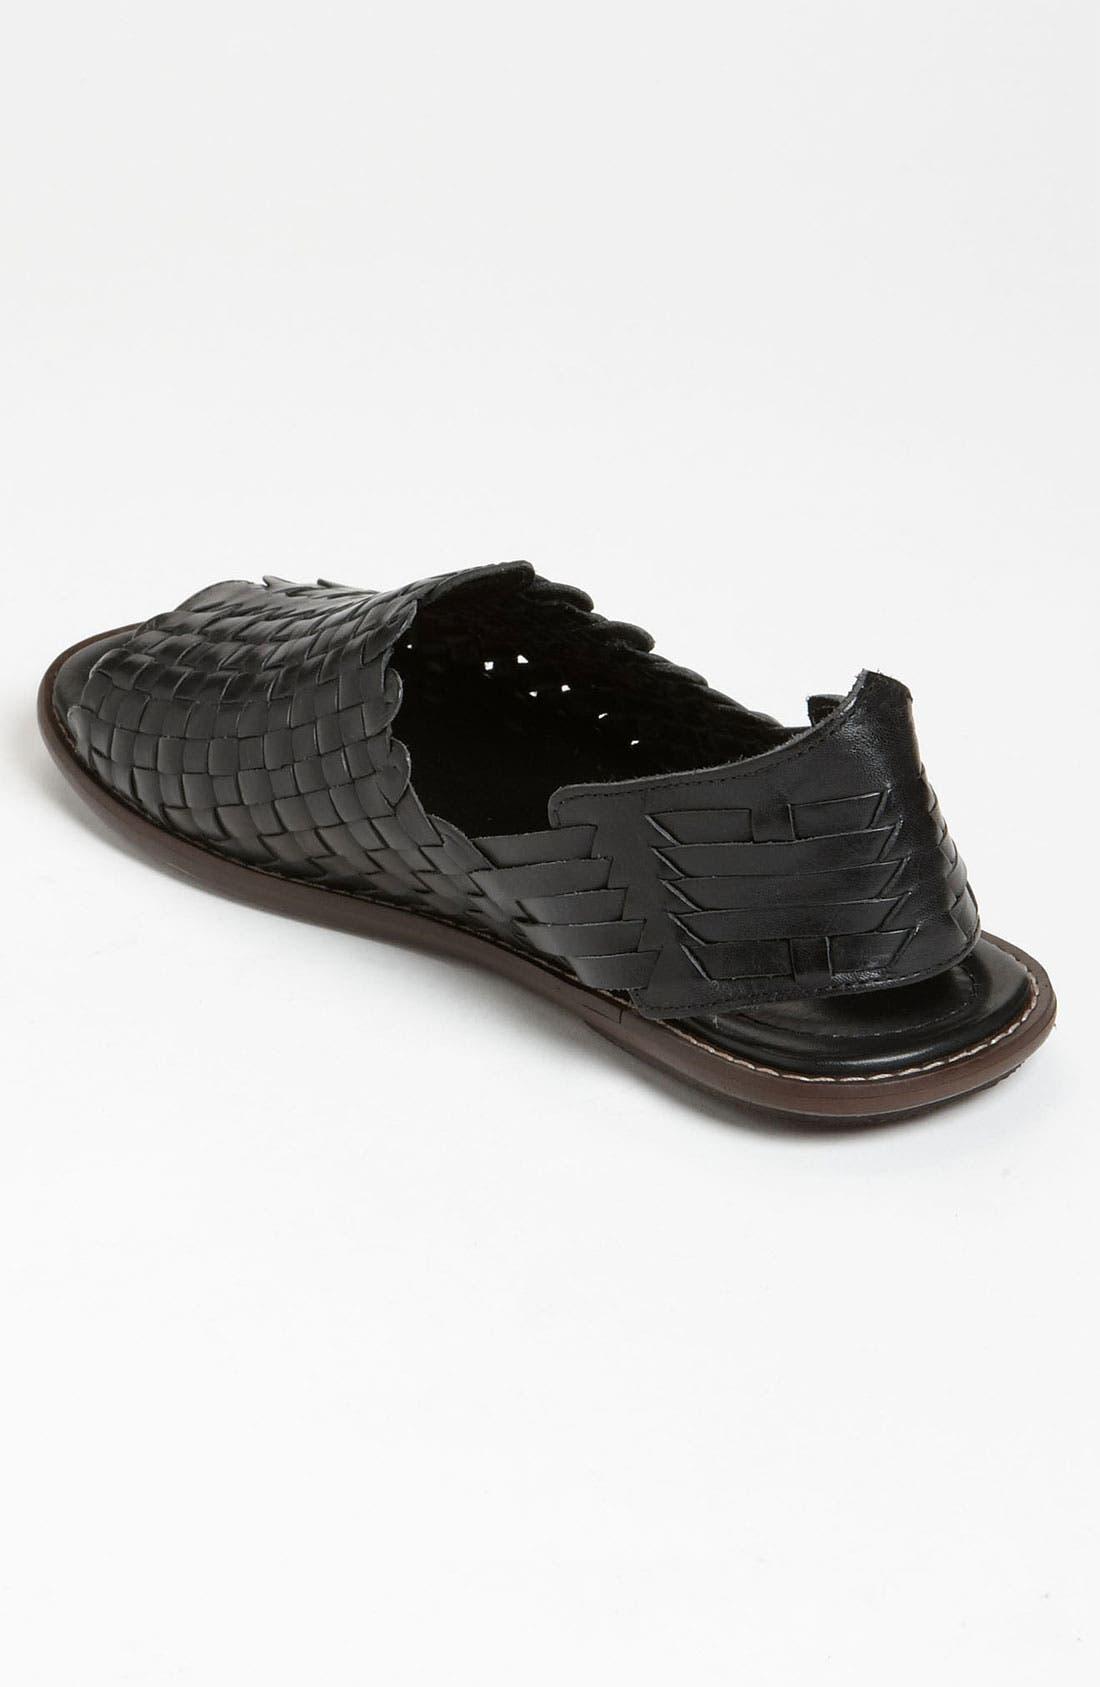 Alternate Image 2  - Bed Stu 'El Principe' Huarache Sandal (Online Only) (Men)